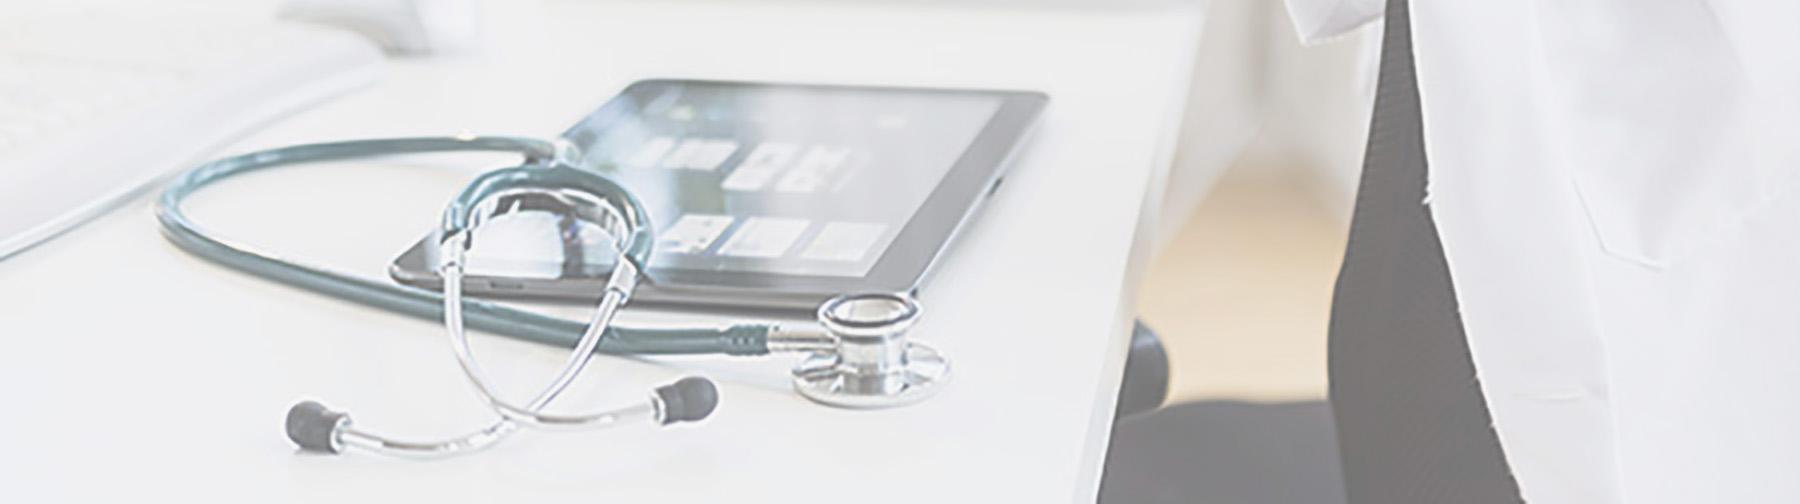 doctor-office-stockV2